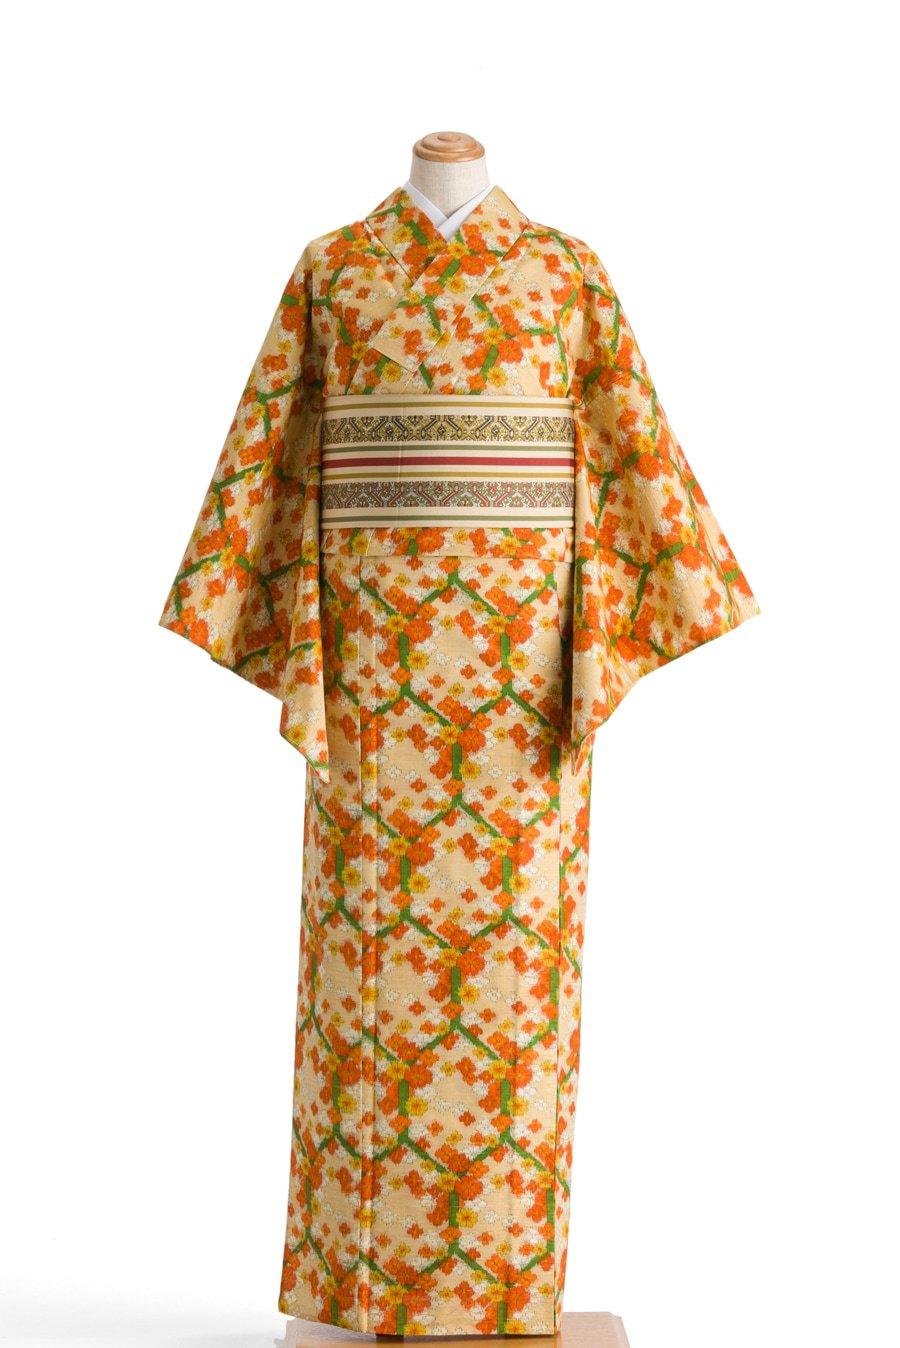 「単衣 紬 亀甲と花」の商品画像